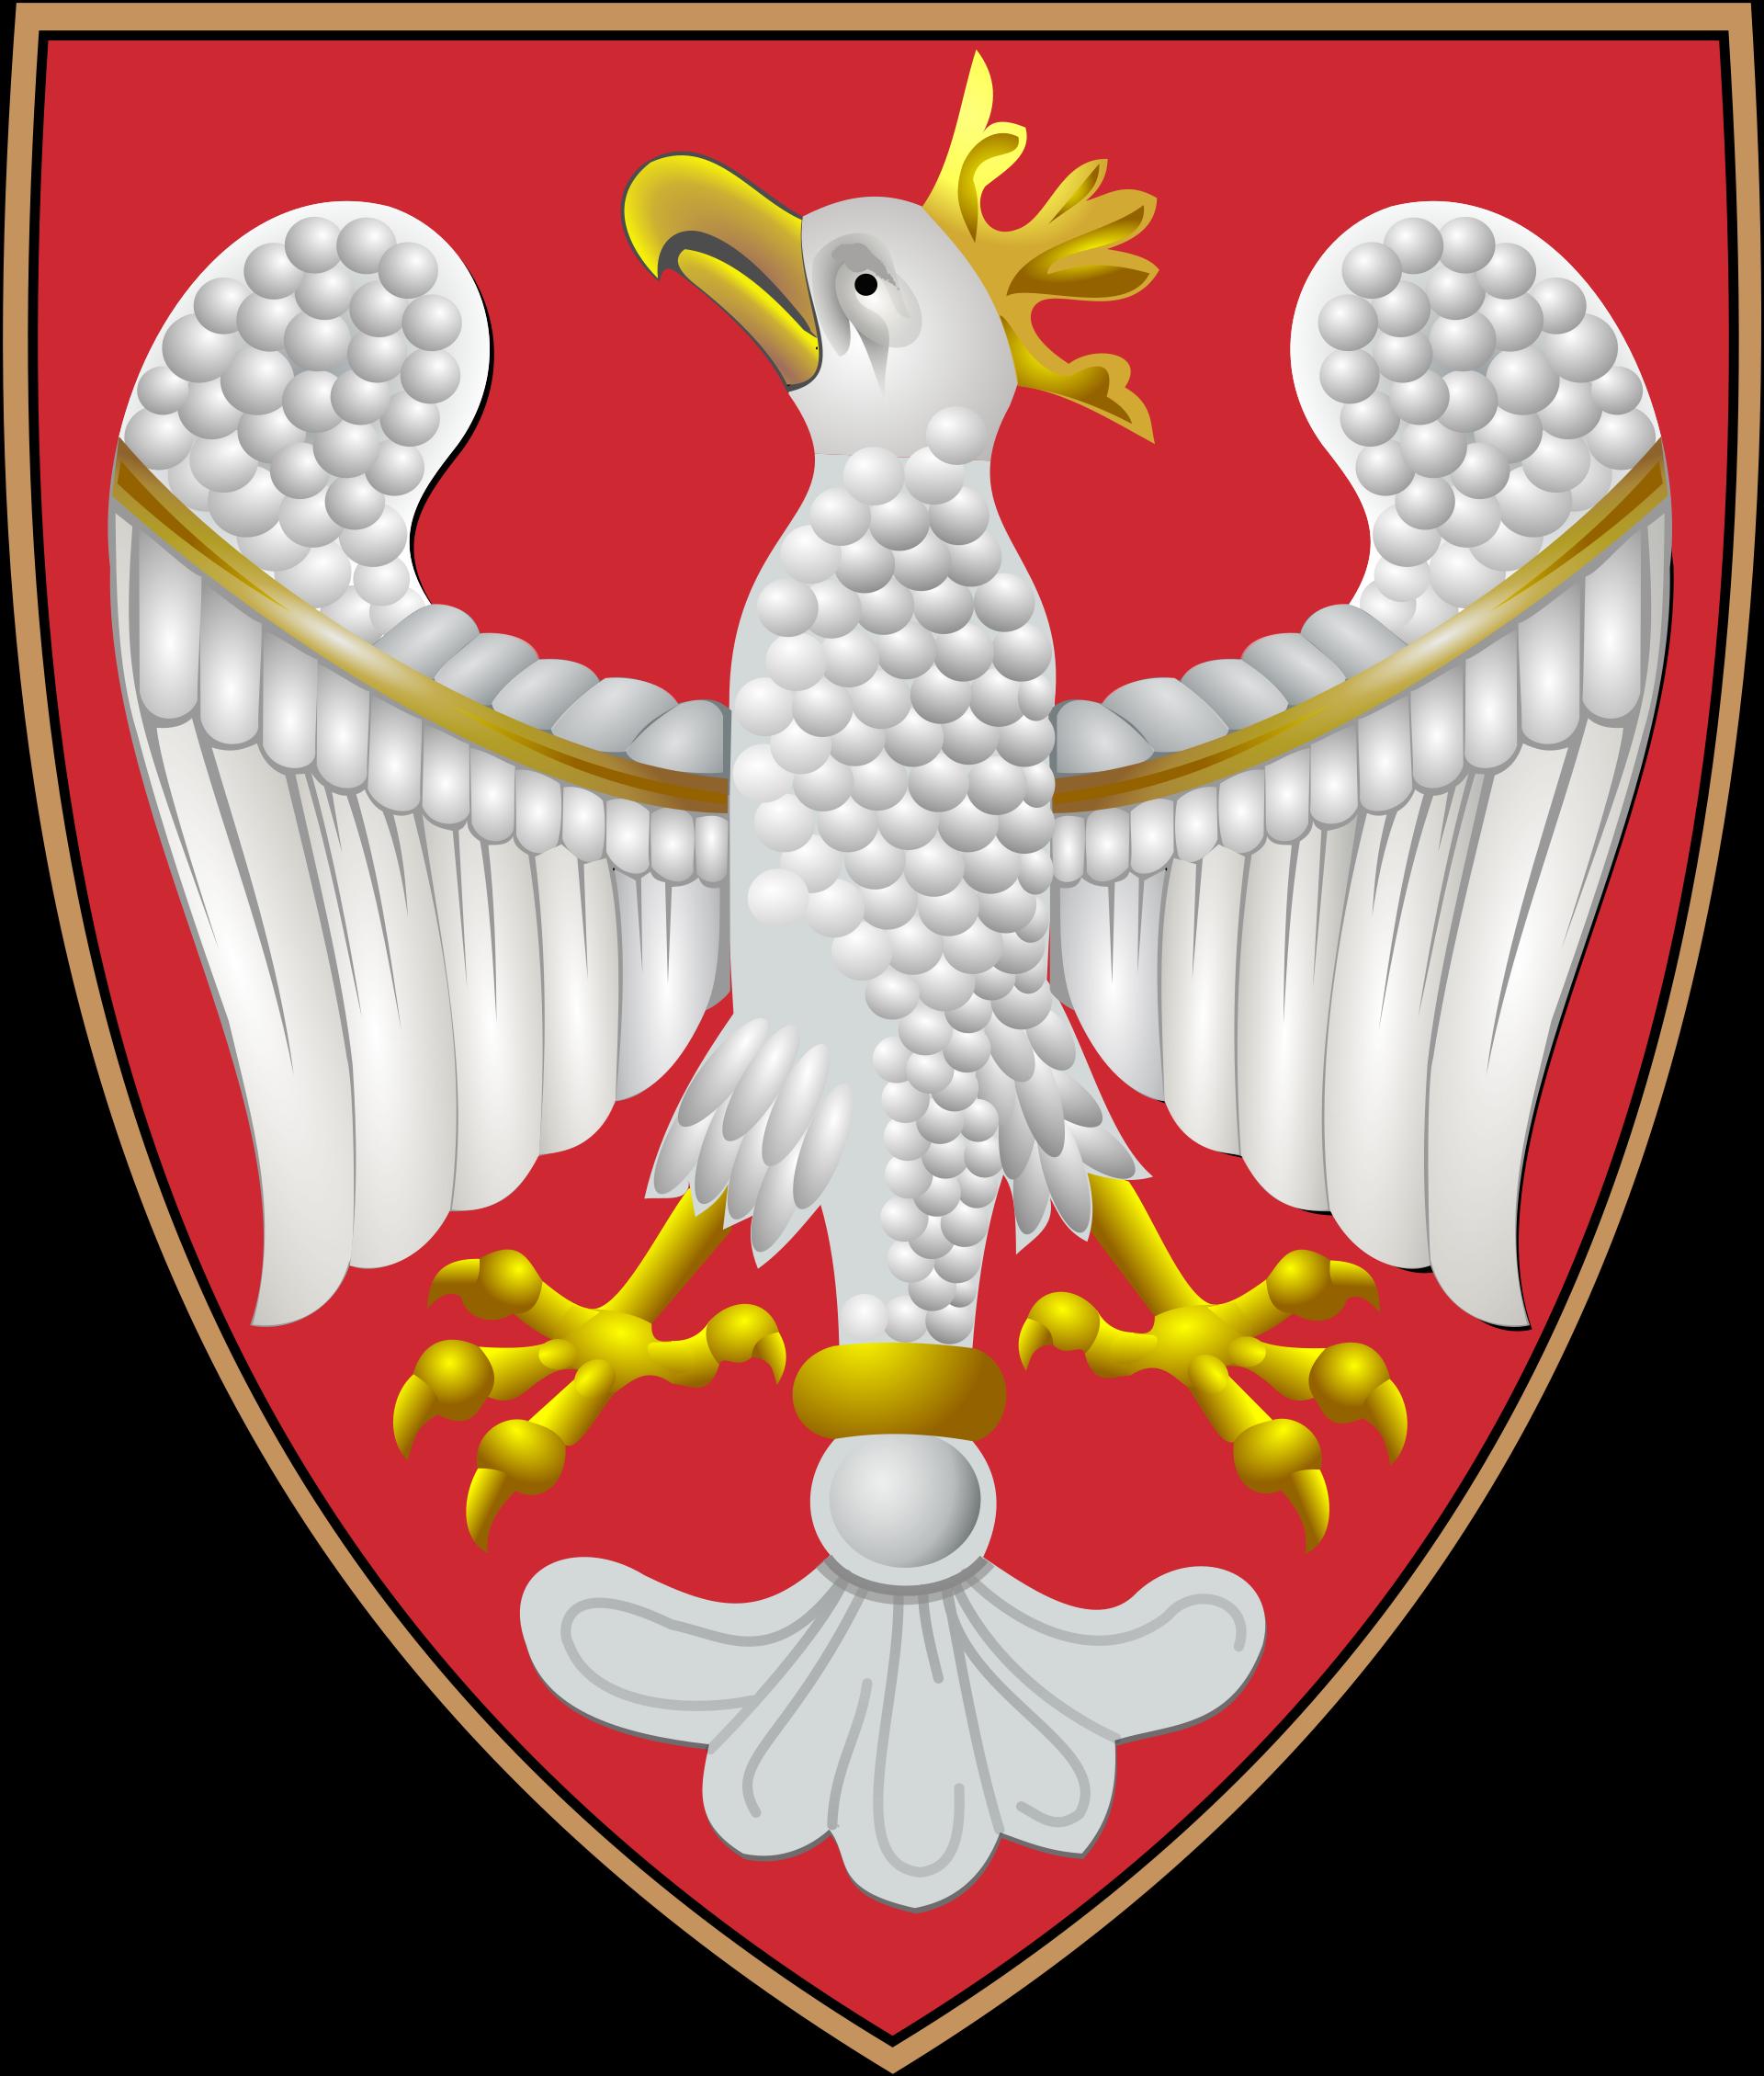 Картинки гербов государств с орлом